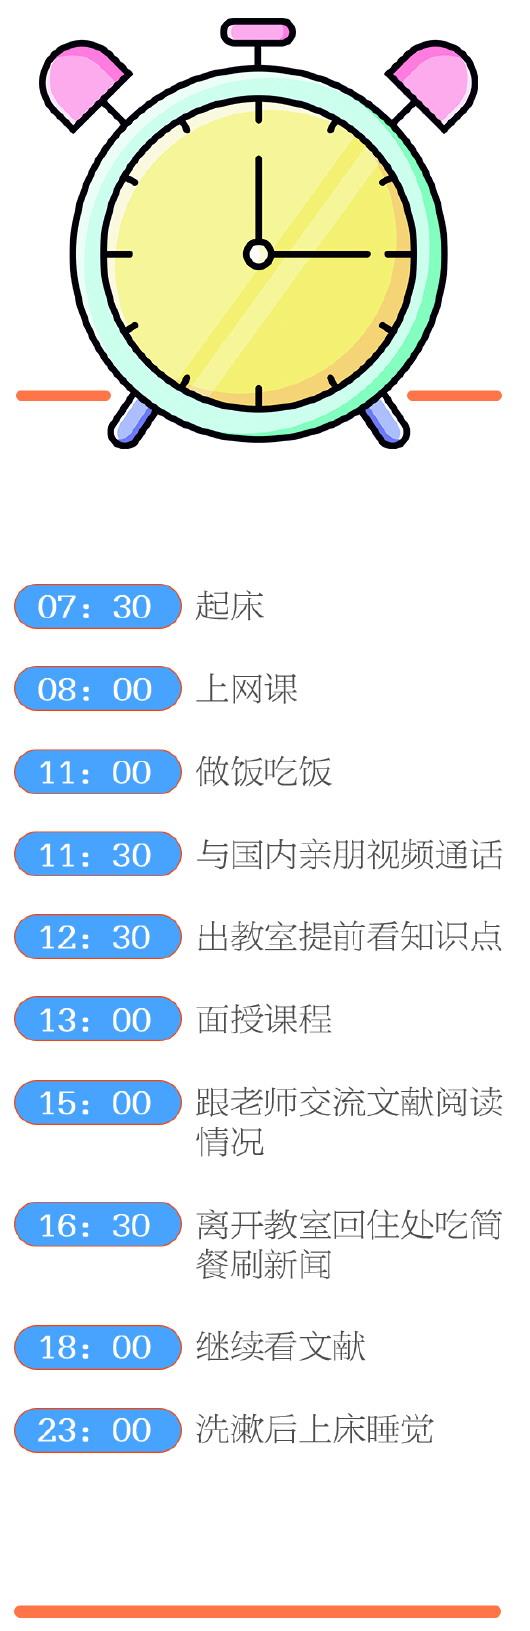 中国留学生李威辰的英国24小时:每周三节课 压力却如山